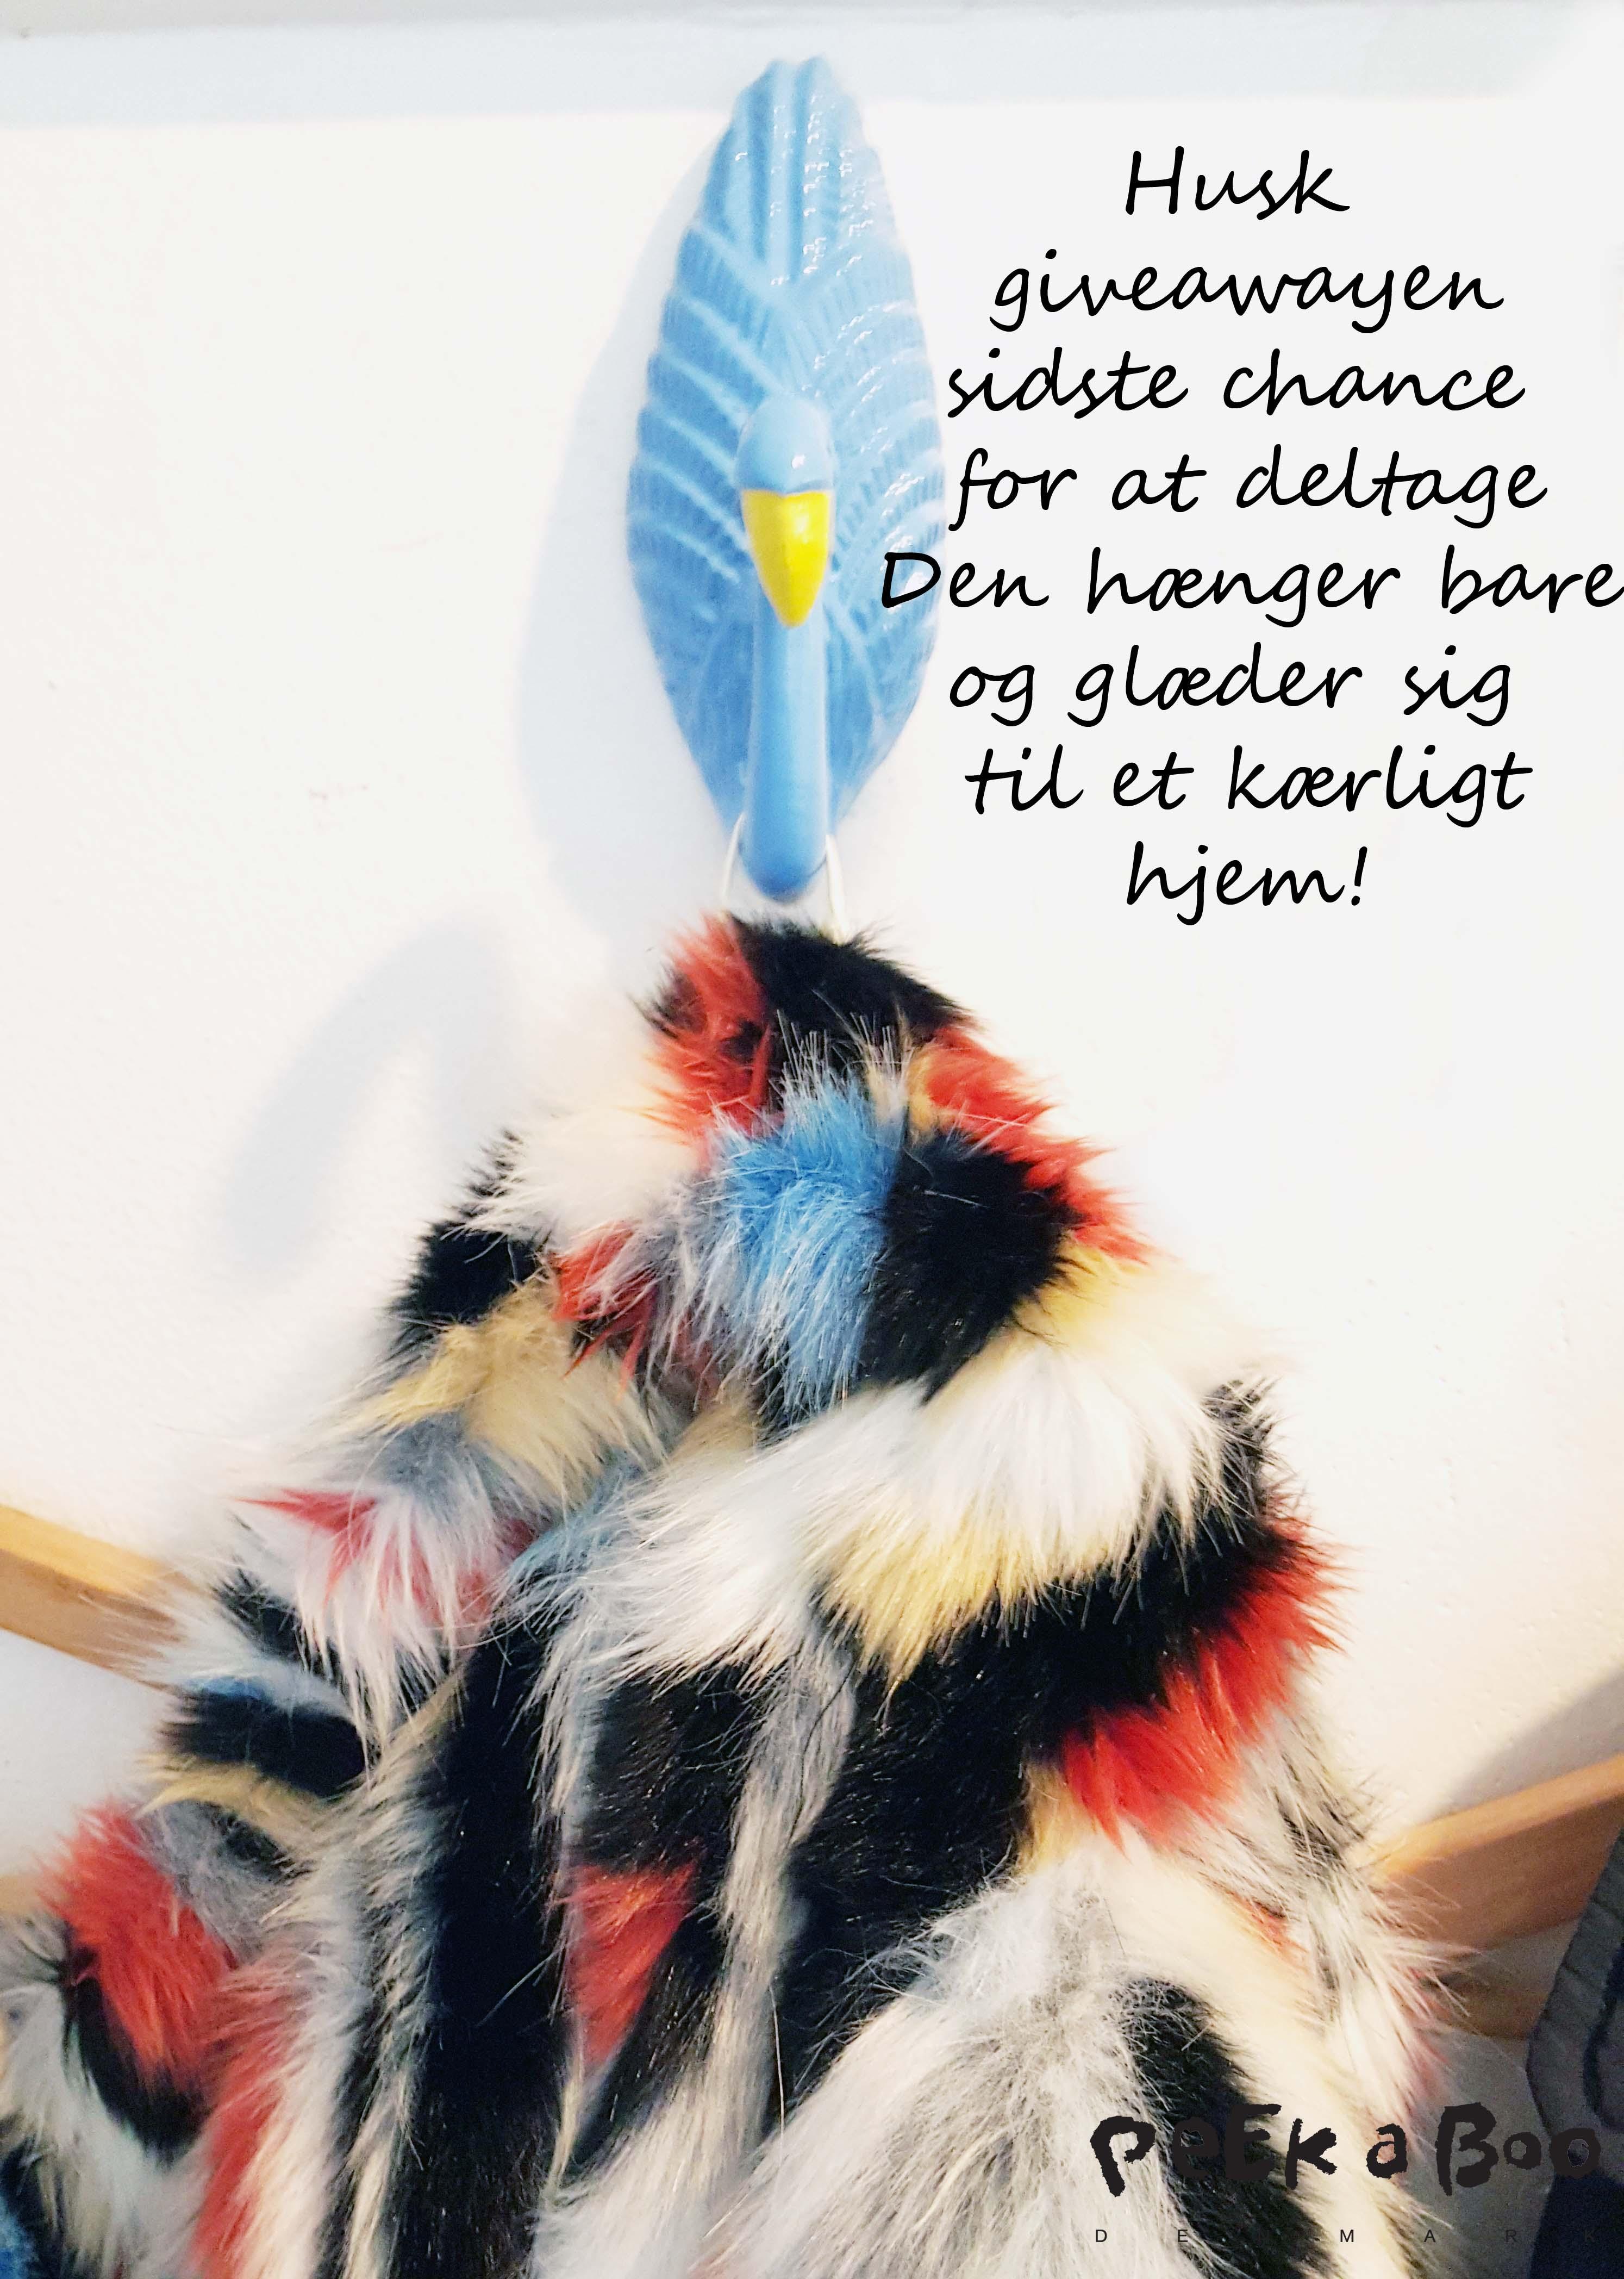 sidste chance for at deltage i giveawayen....skynd dig at lægge en lod i puljen om denne skønne Etage fake fur jakke, jeg trækker en vinder iaften.